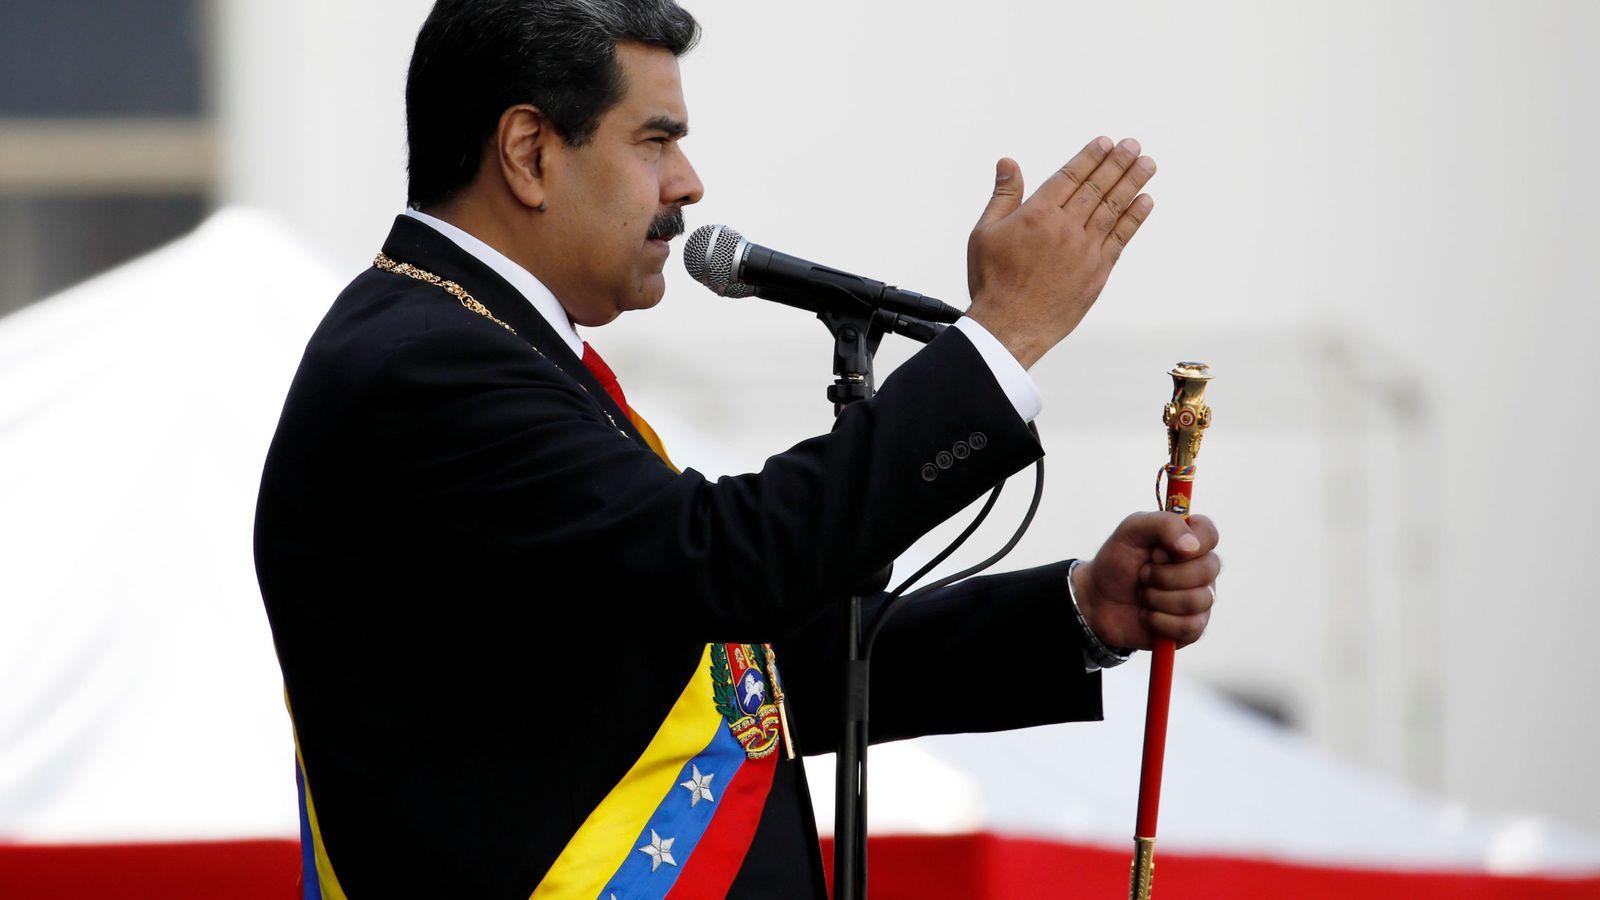 Foto: El presidente de Venezuela, Nicolás Maduro, en su toma de posesión esta semana. (EFE)